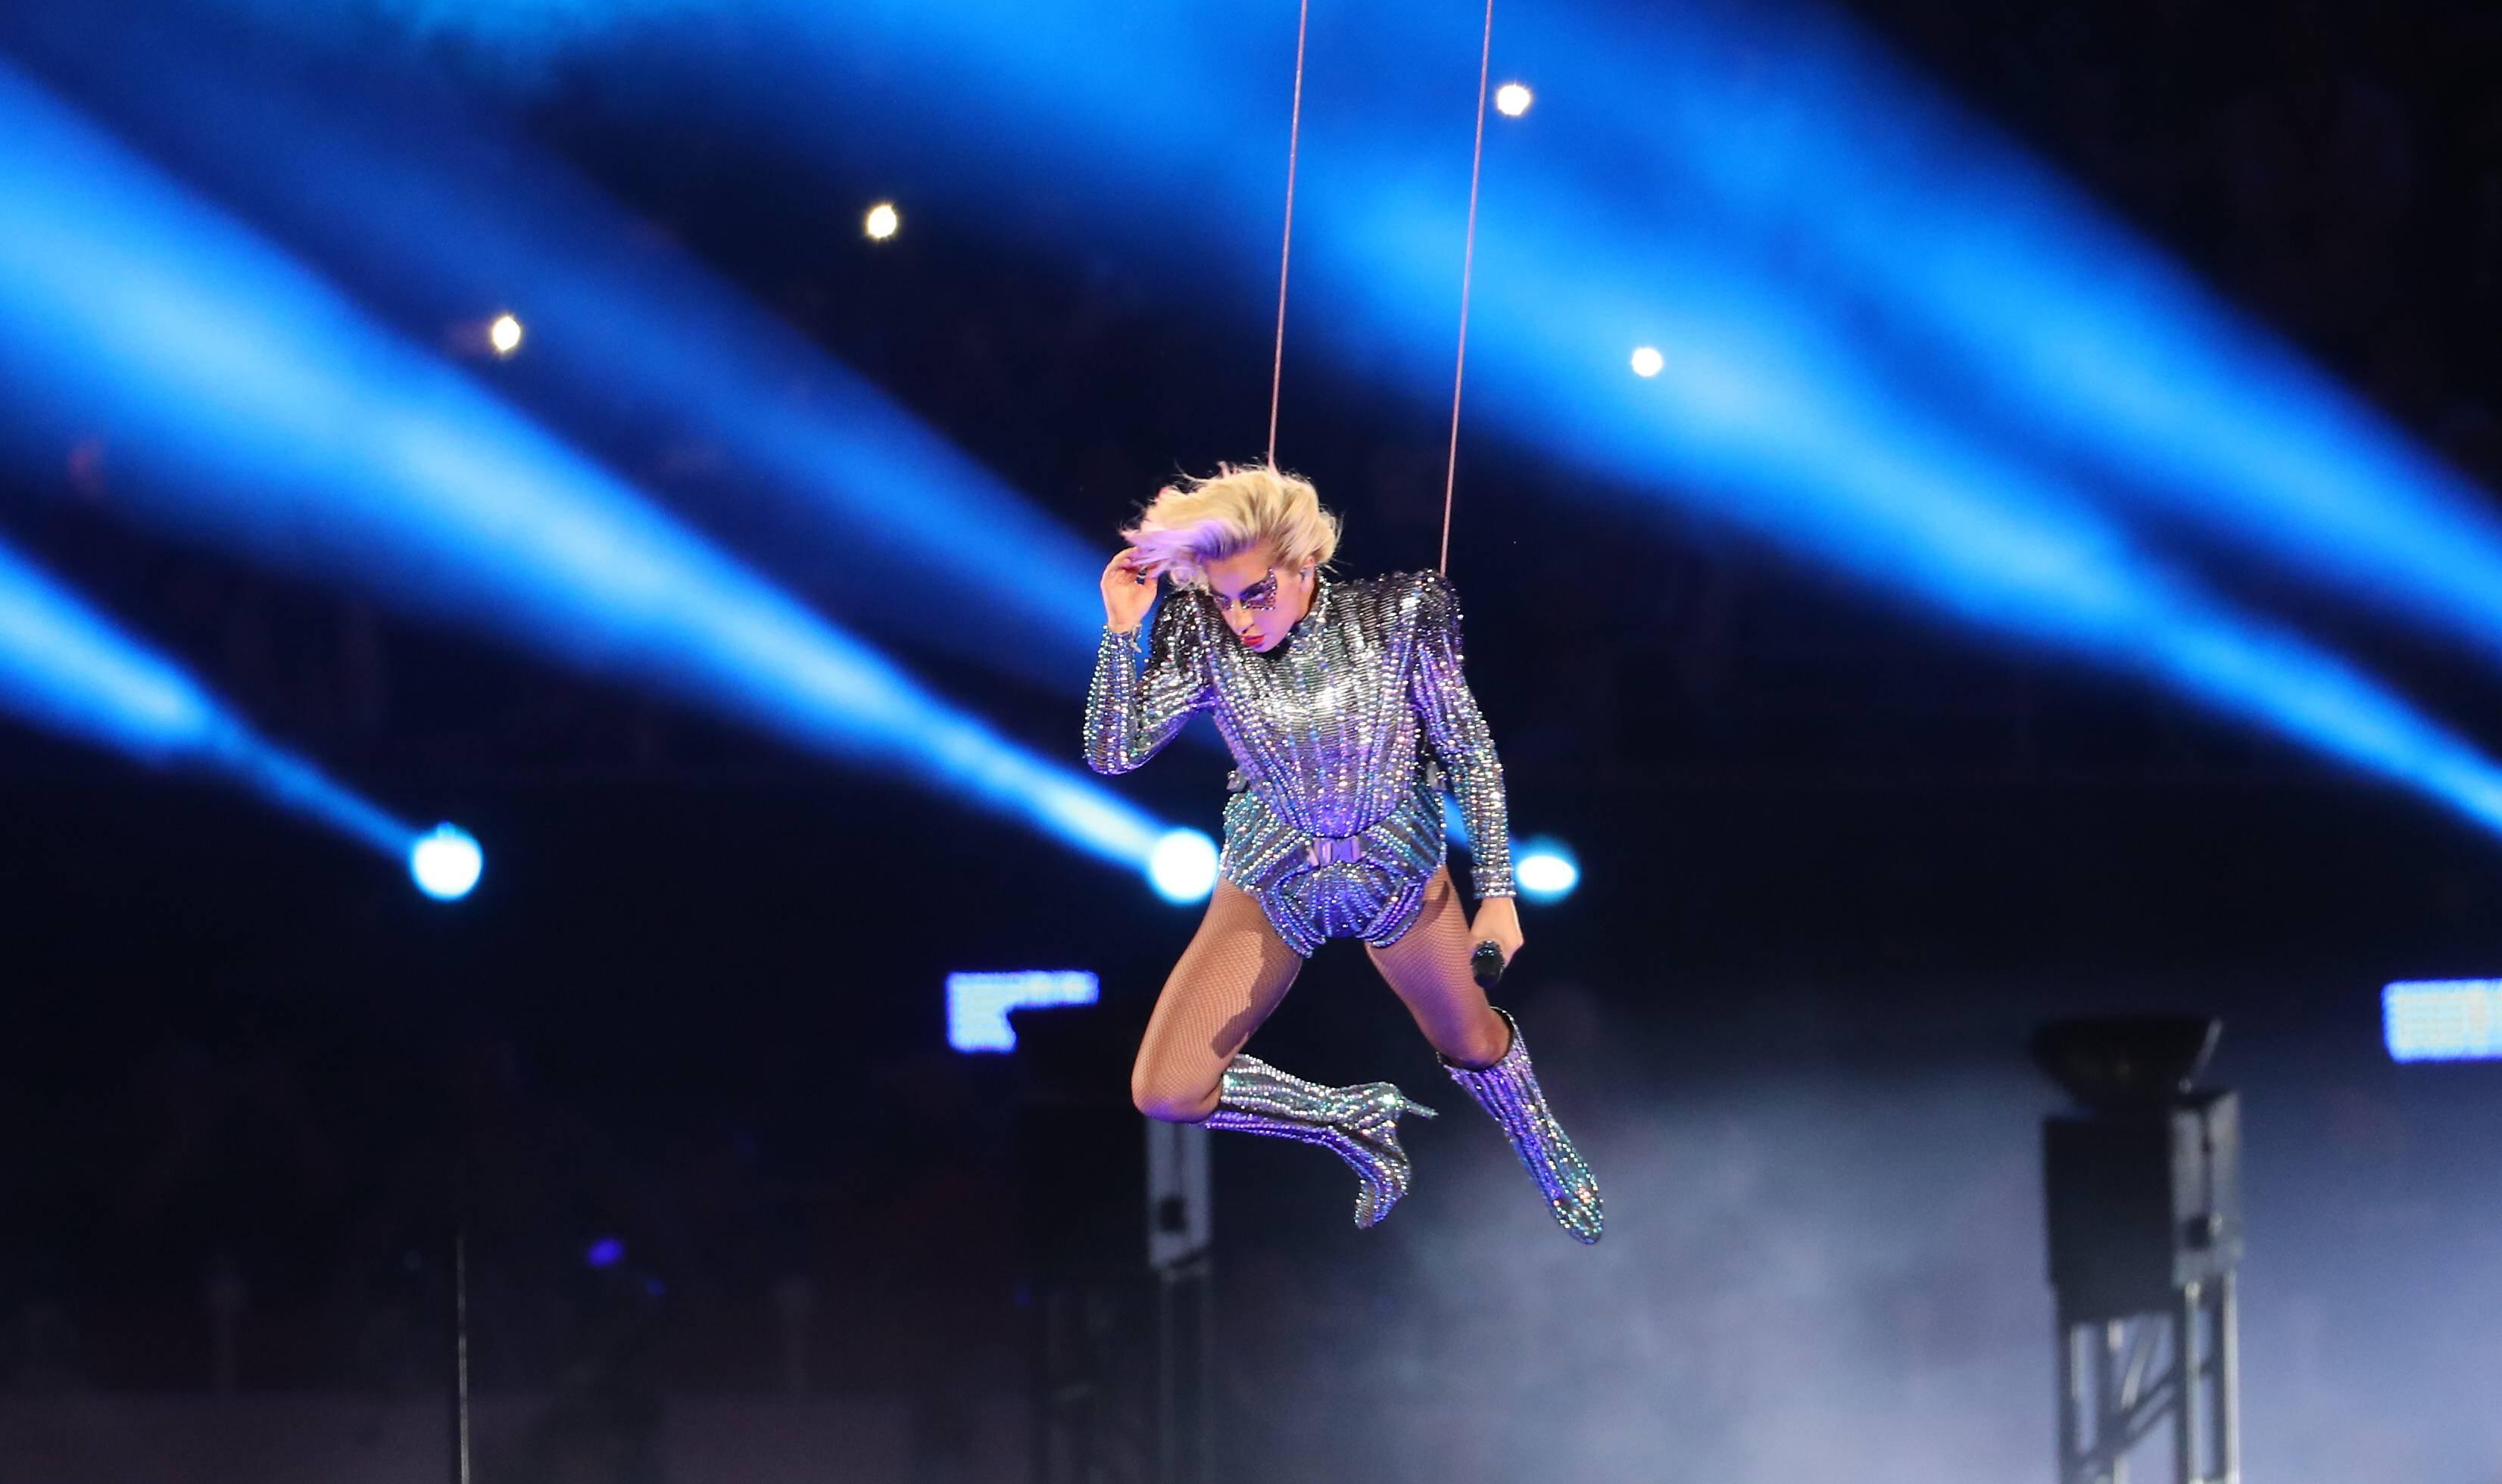 Леди Гага встречается сосвоим агентом